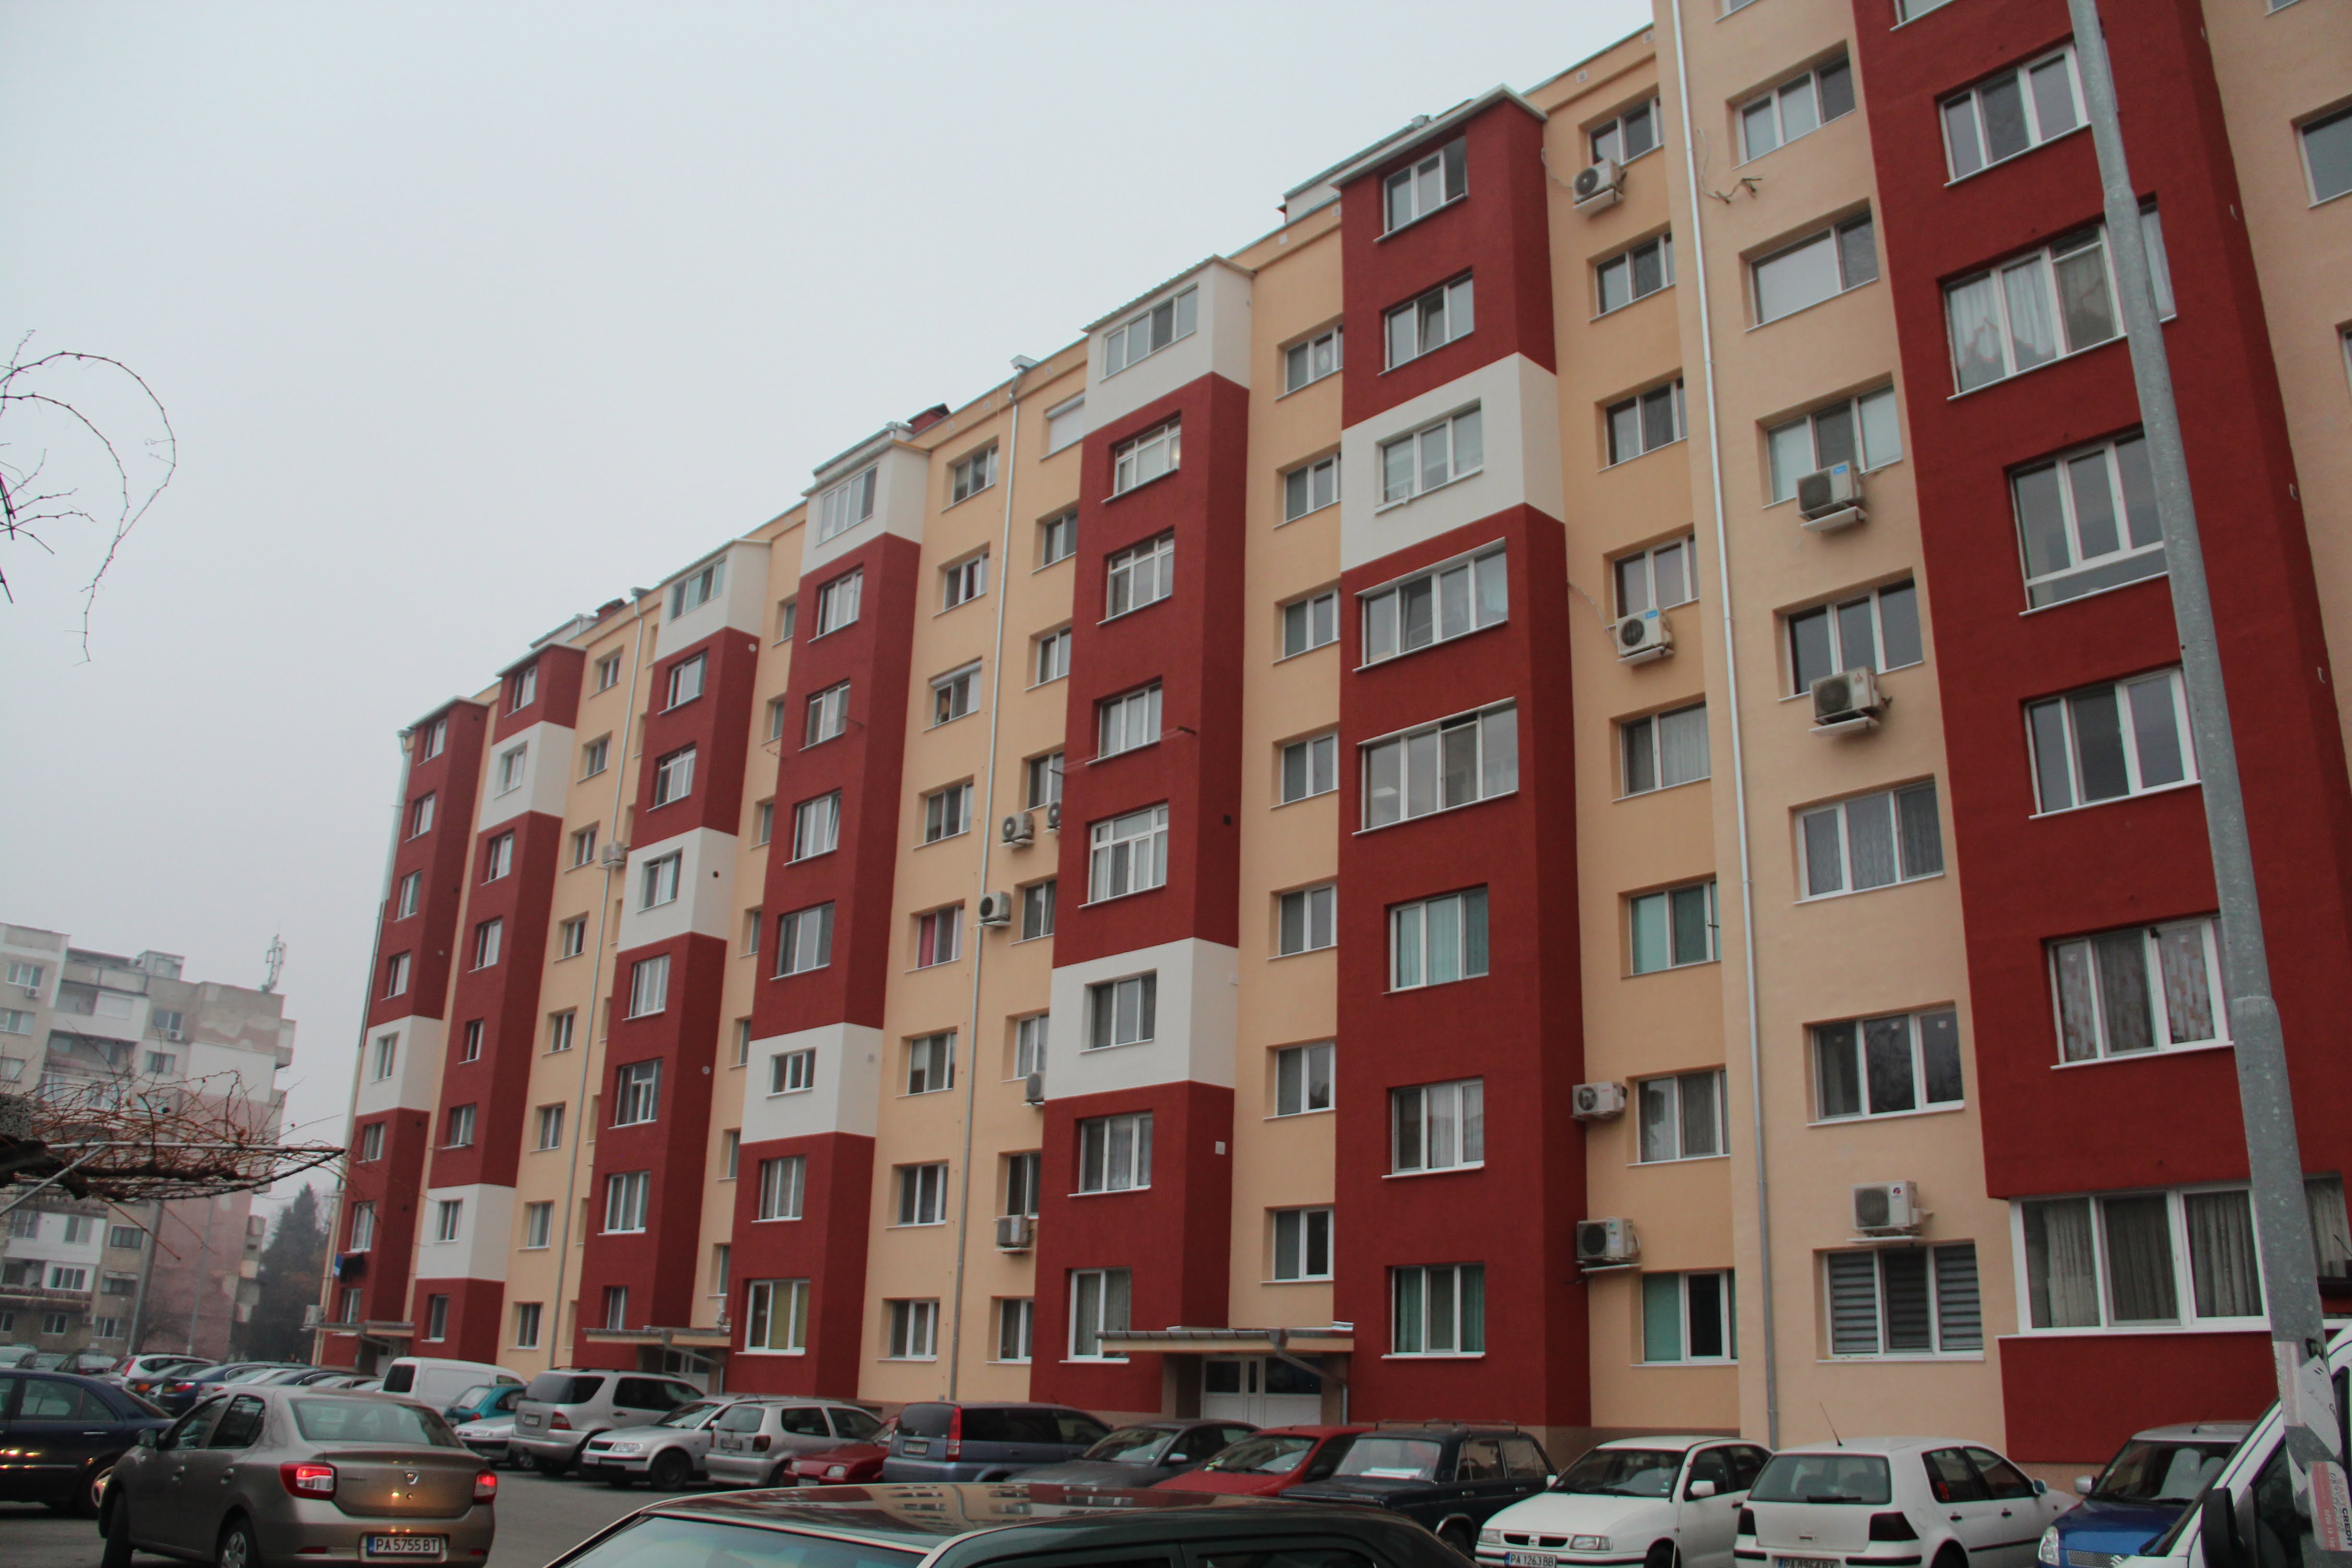 Саниране на Многофамилна жилищна сграда в гр.Пазарджик ул.Панайот Волов 20,22,24